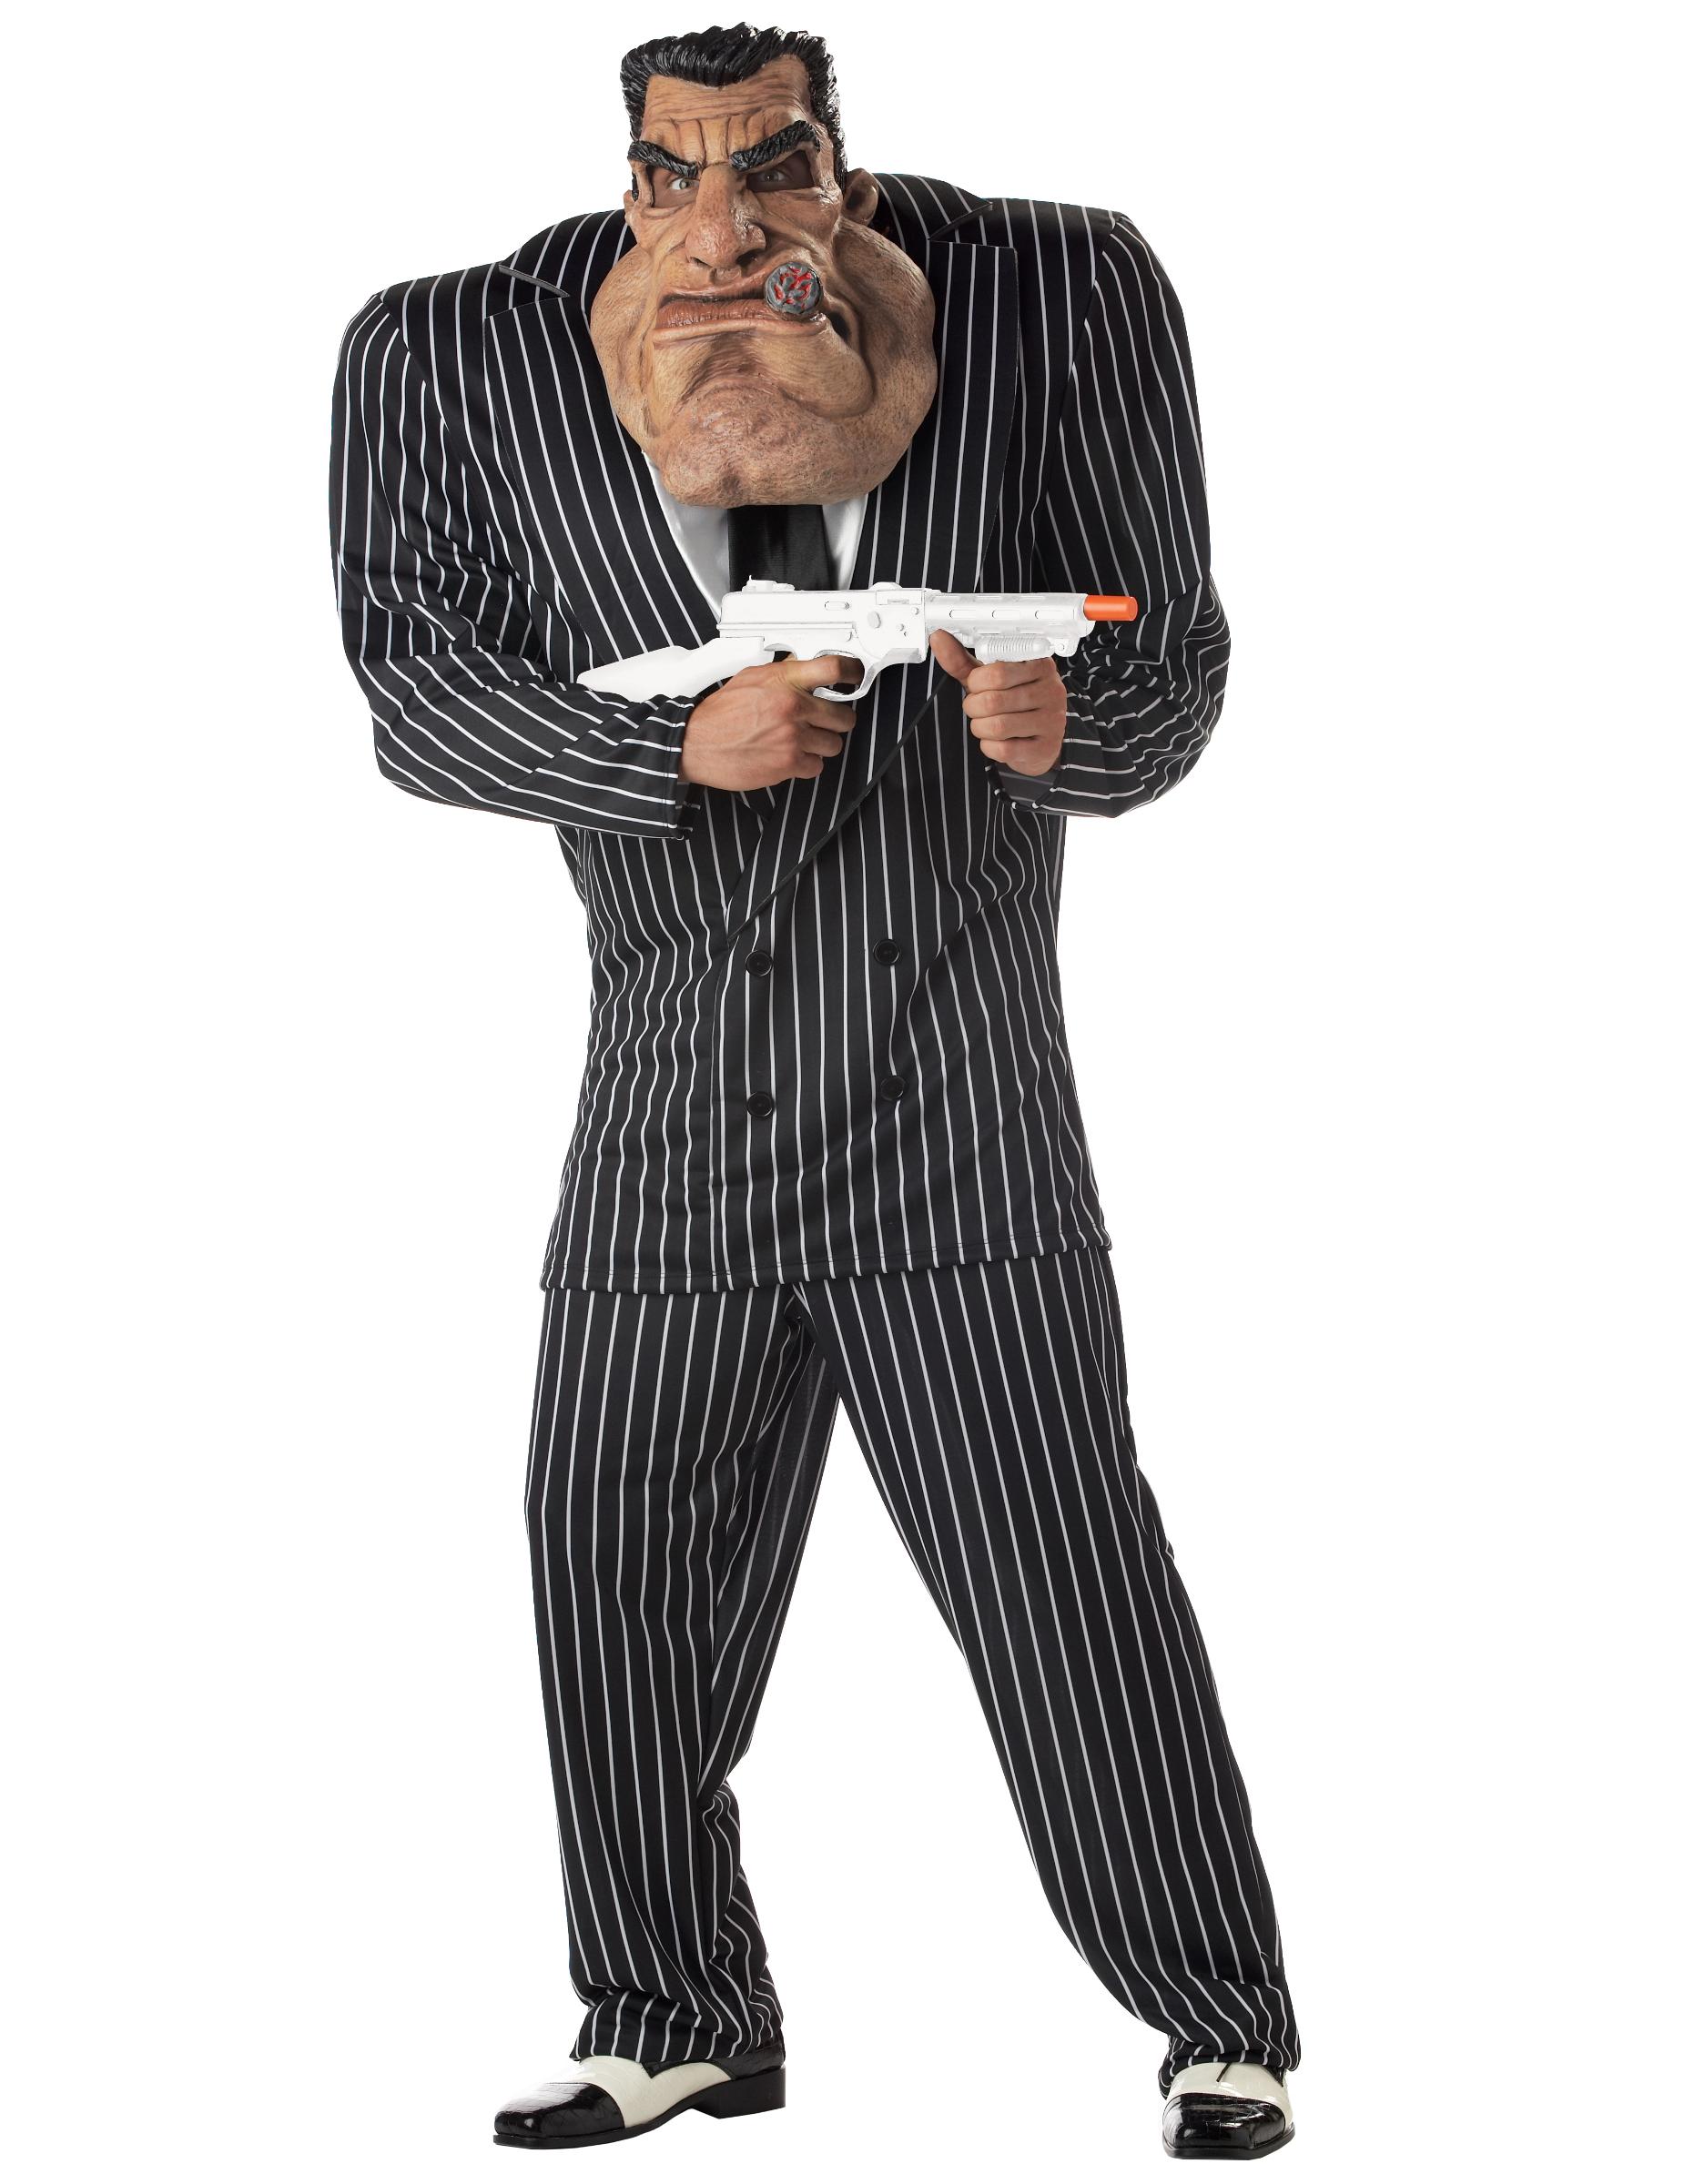 Muskulöses Mafiosi-Kostüm für Herren schwarz-weiss - L 197780